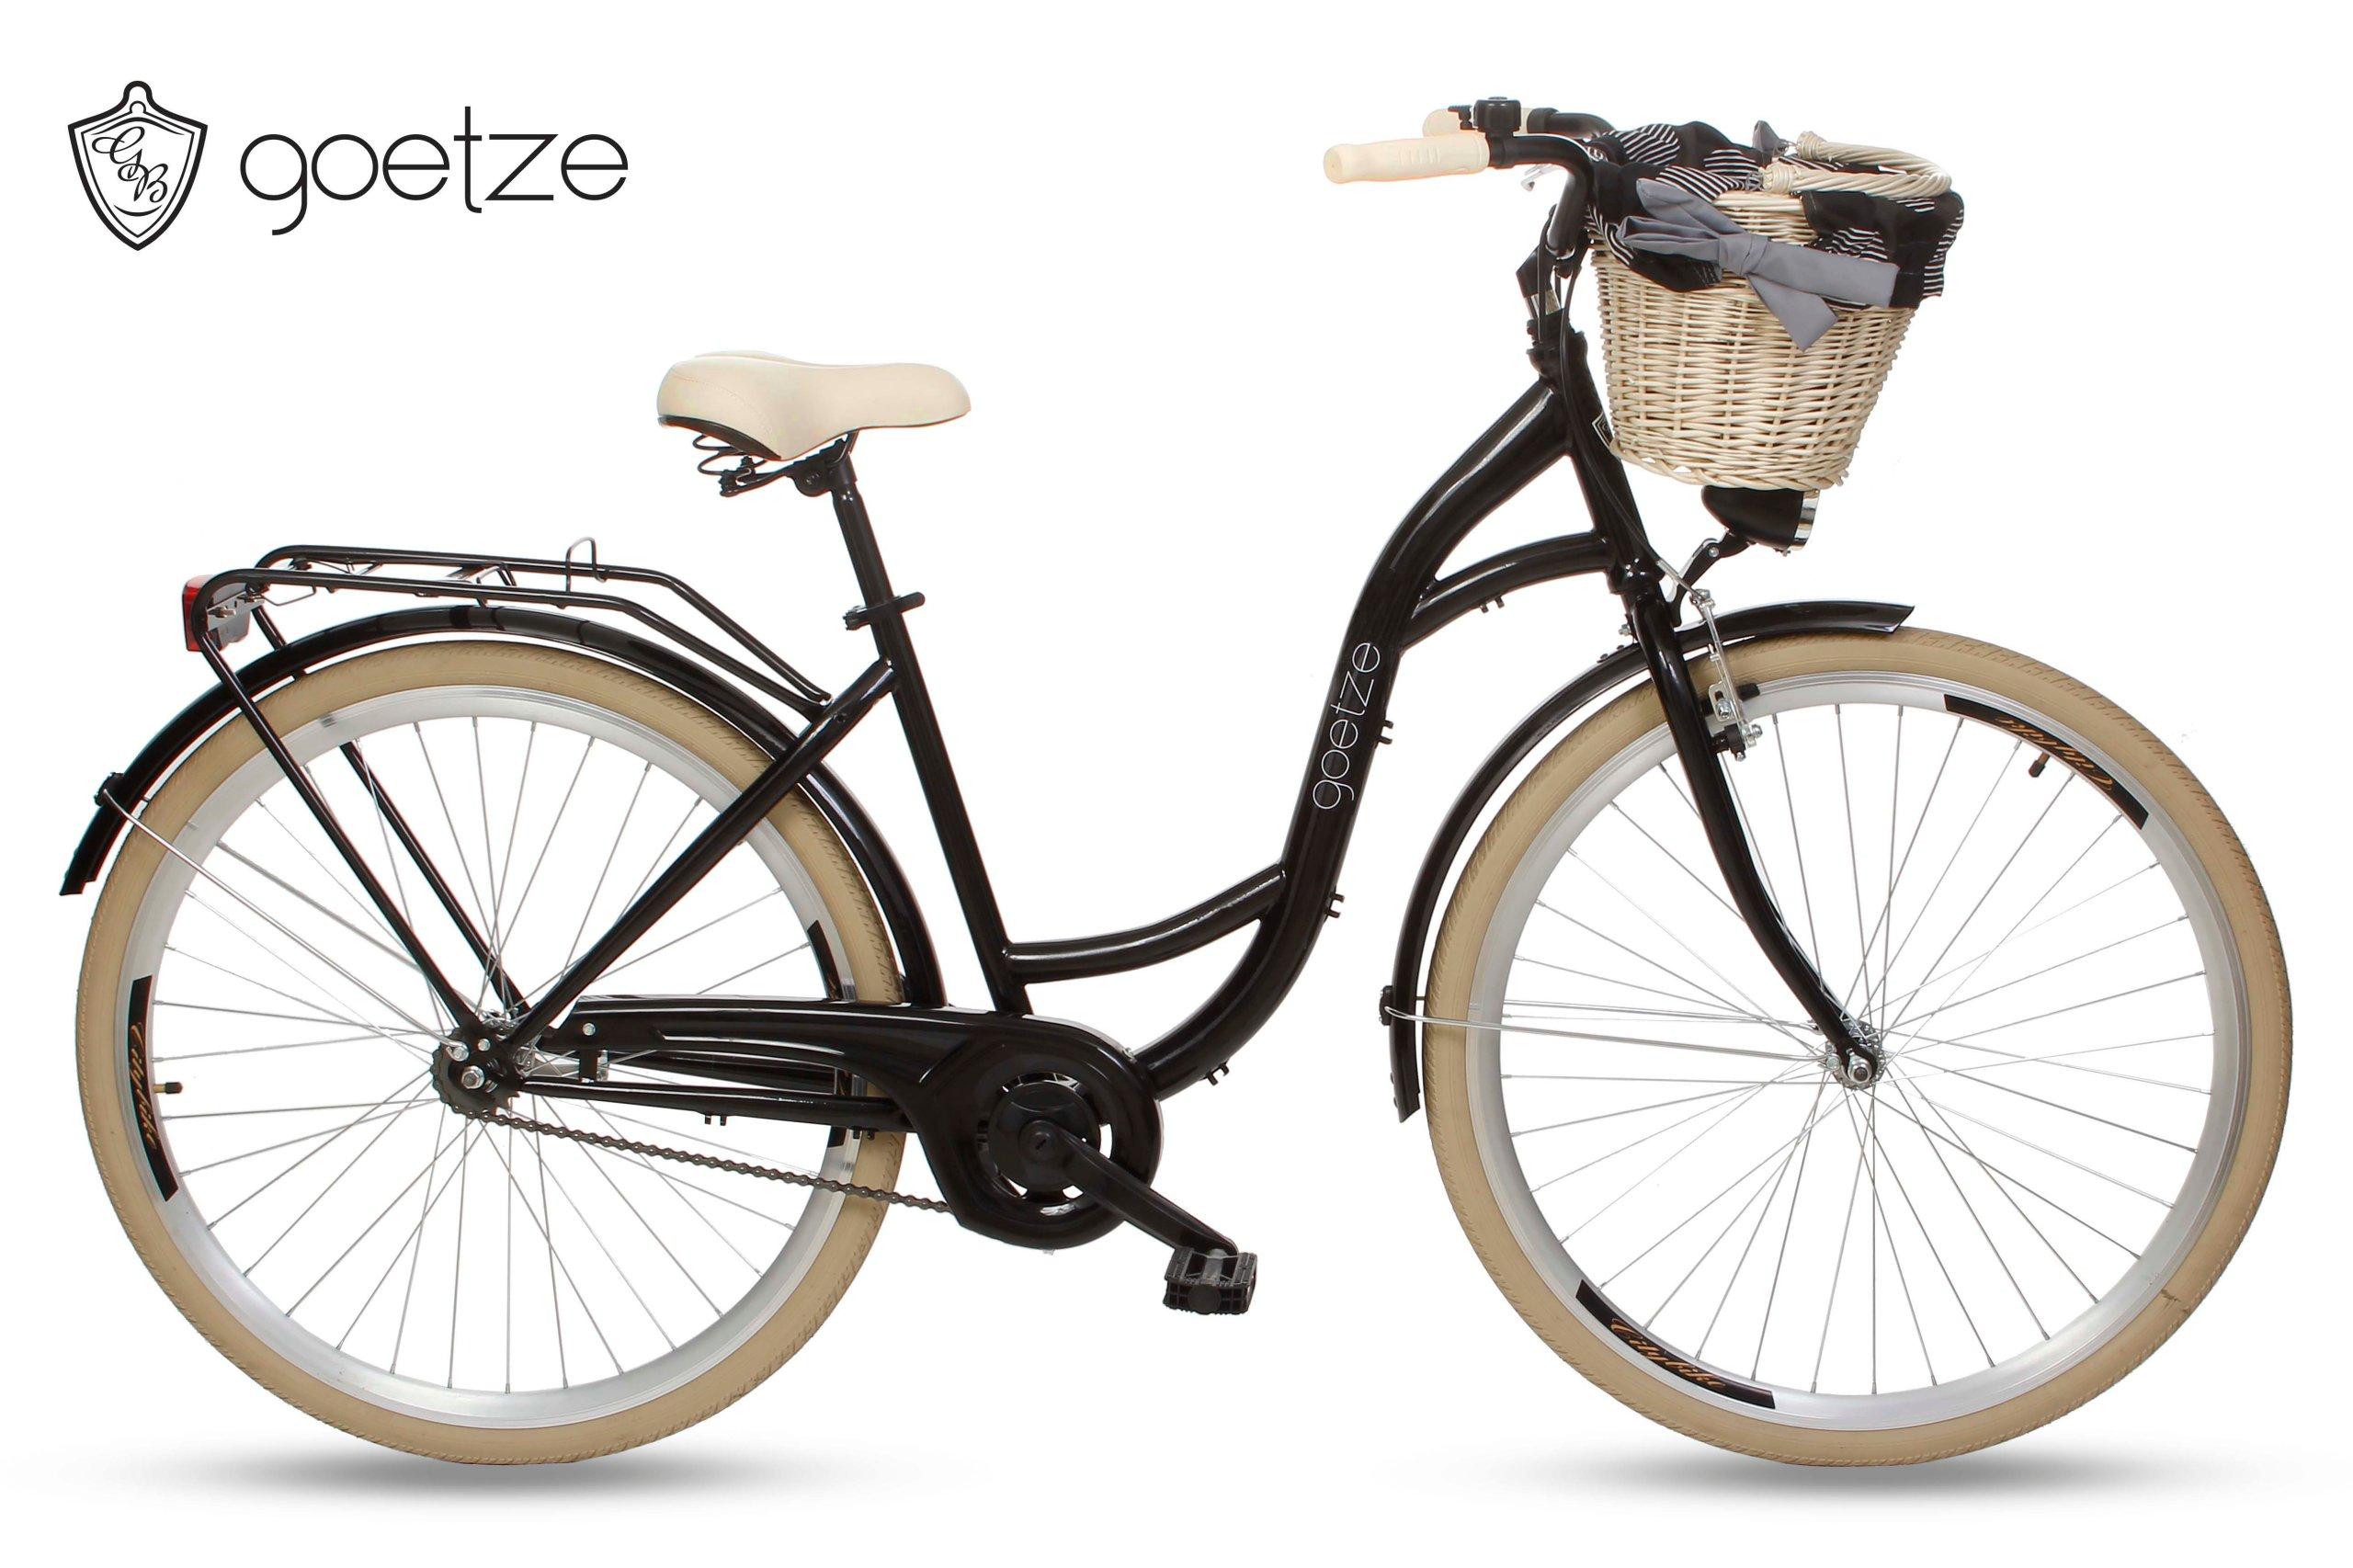 Ženské city Bike Goetze štýl LTD 28 koša